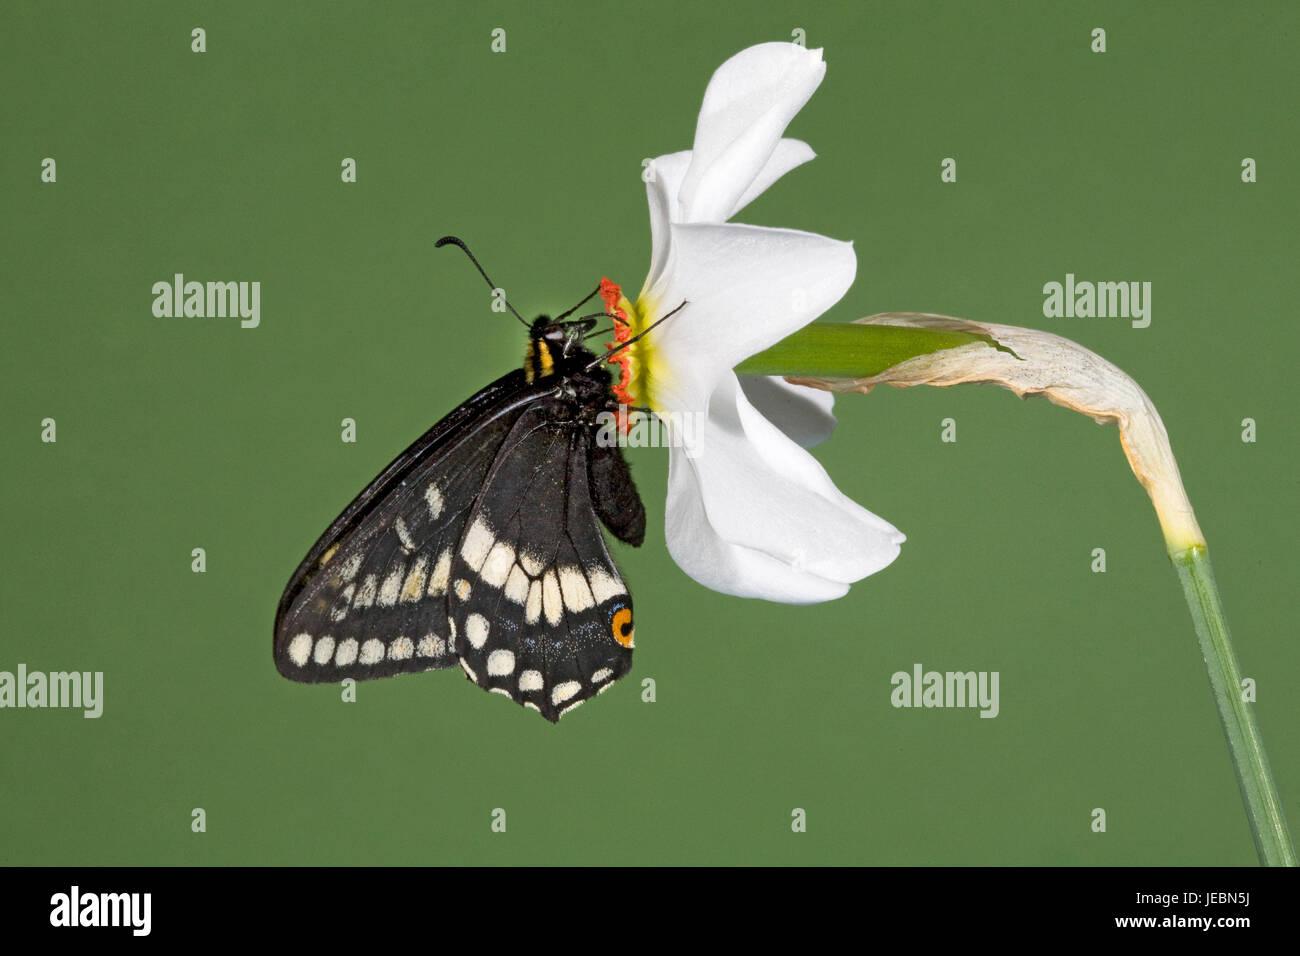 Especie de Indra, mariposas Papilio indra, nectaring en un faisán's eye flor salvaje, Narciso Poetica, Río Metolius, Camp Sherman, Oregon. Foto de stock